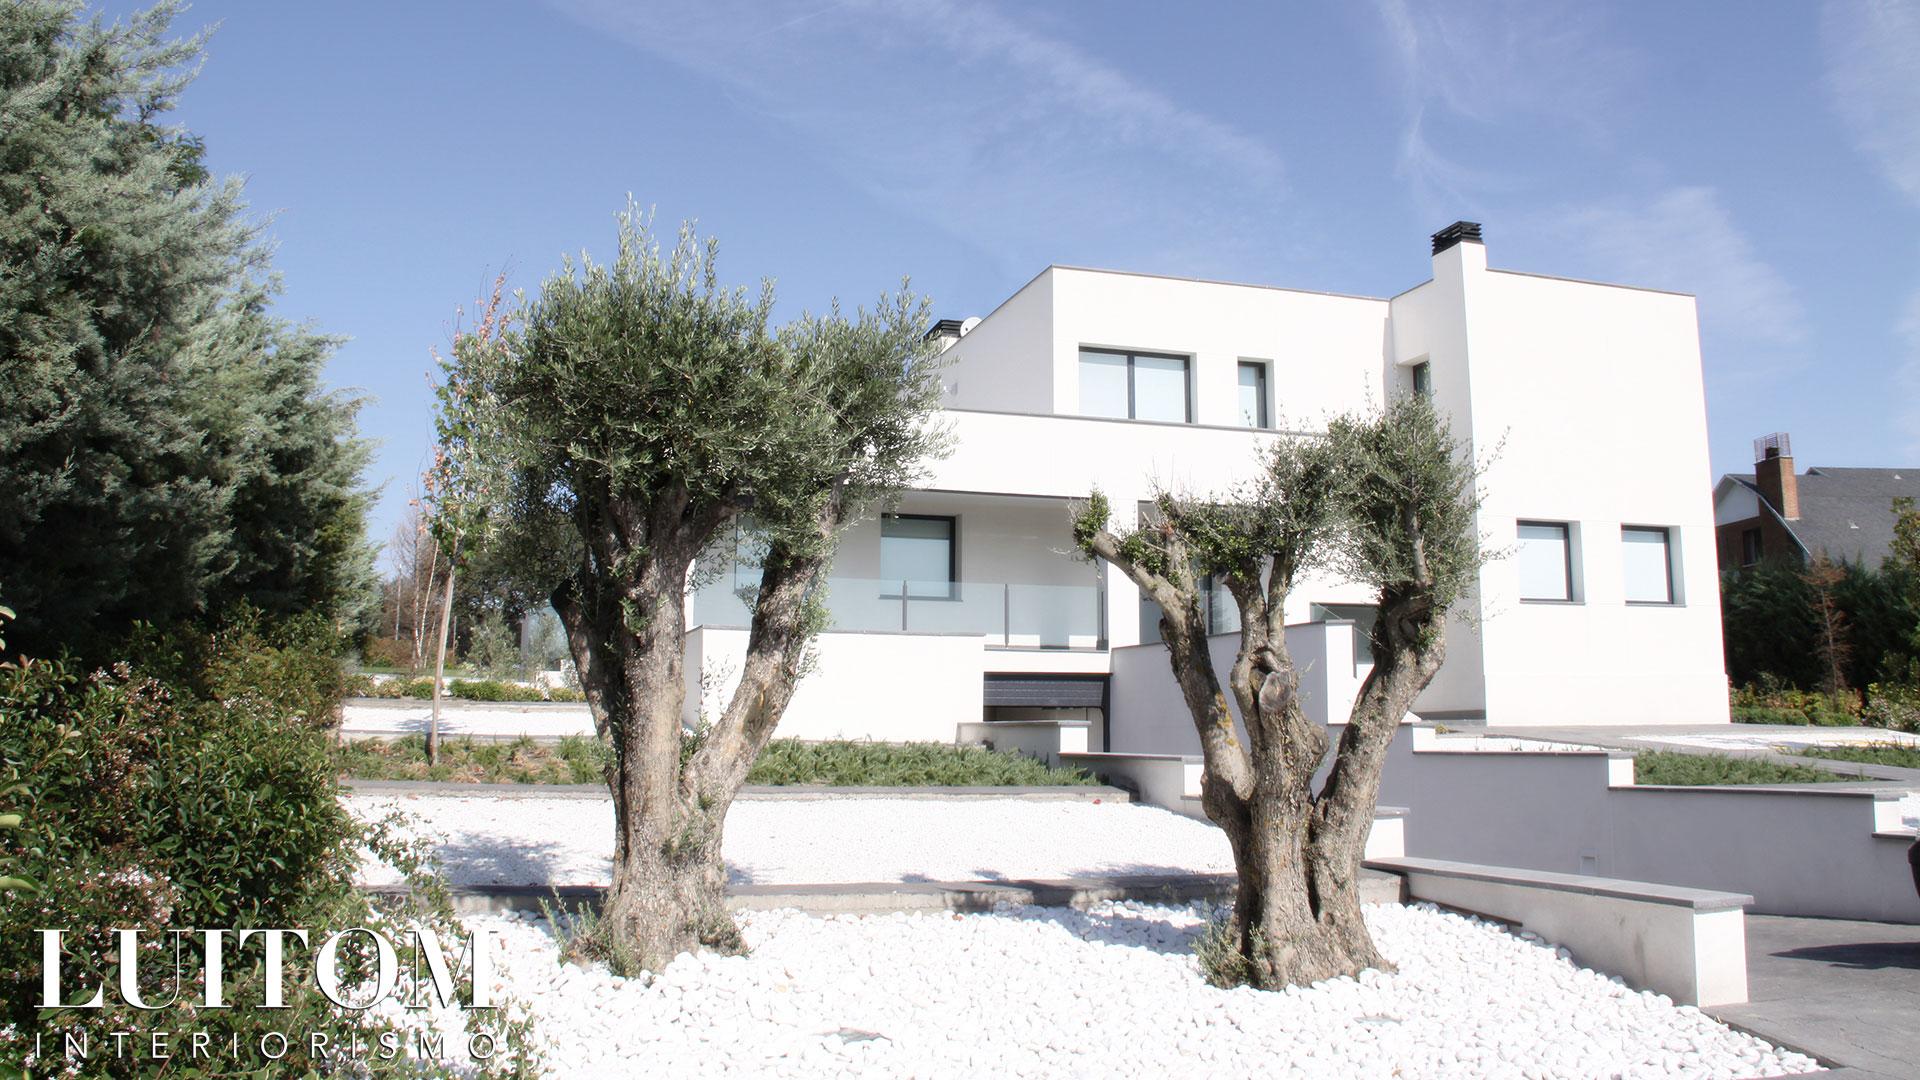 proyecto-arquitectura-construccion-casas-modernas-villas-lujo-madrid-malaga-valencia-arquitectos-luxury-house-spain-architects-001